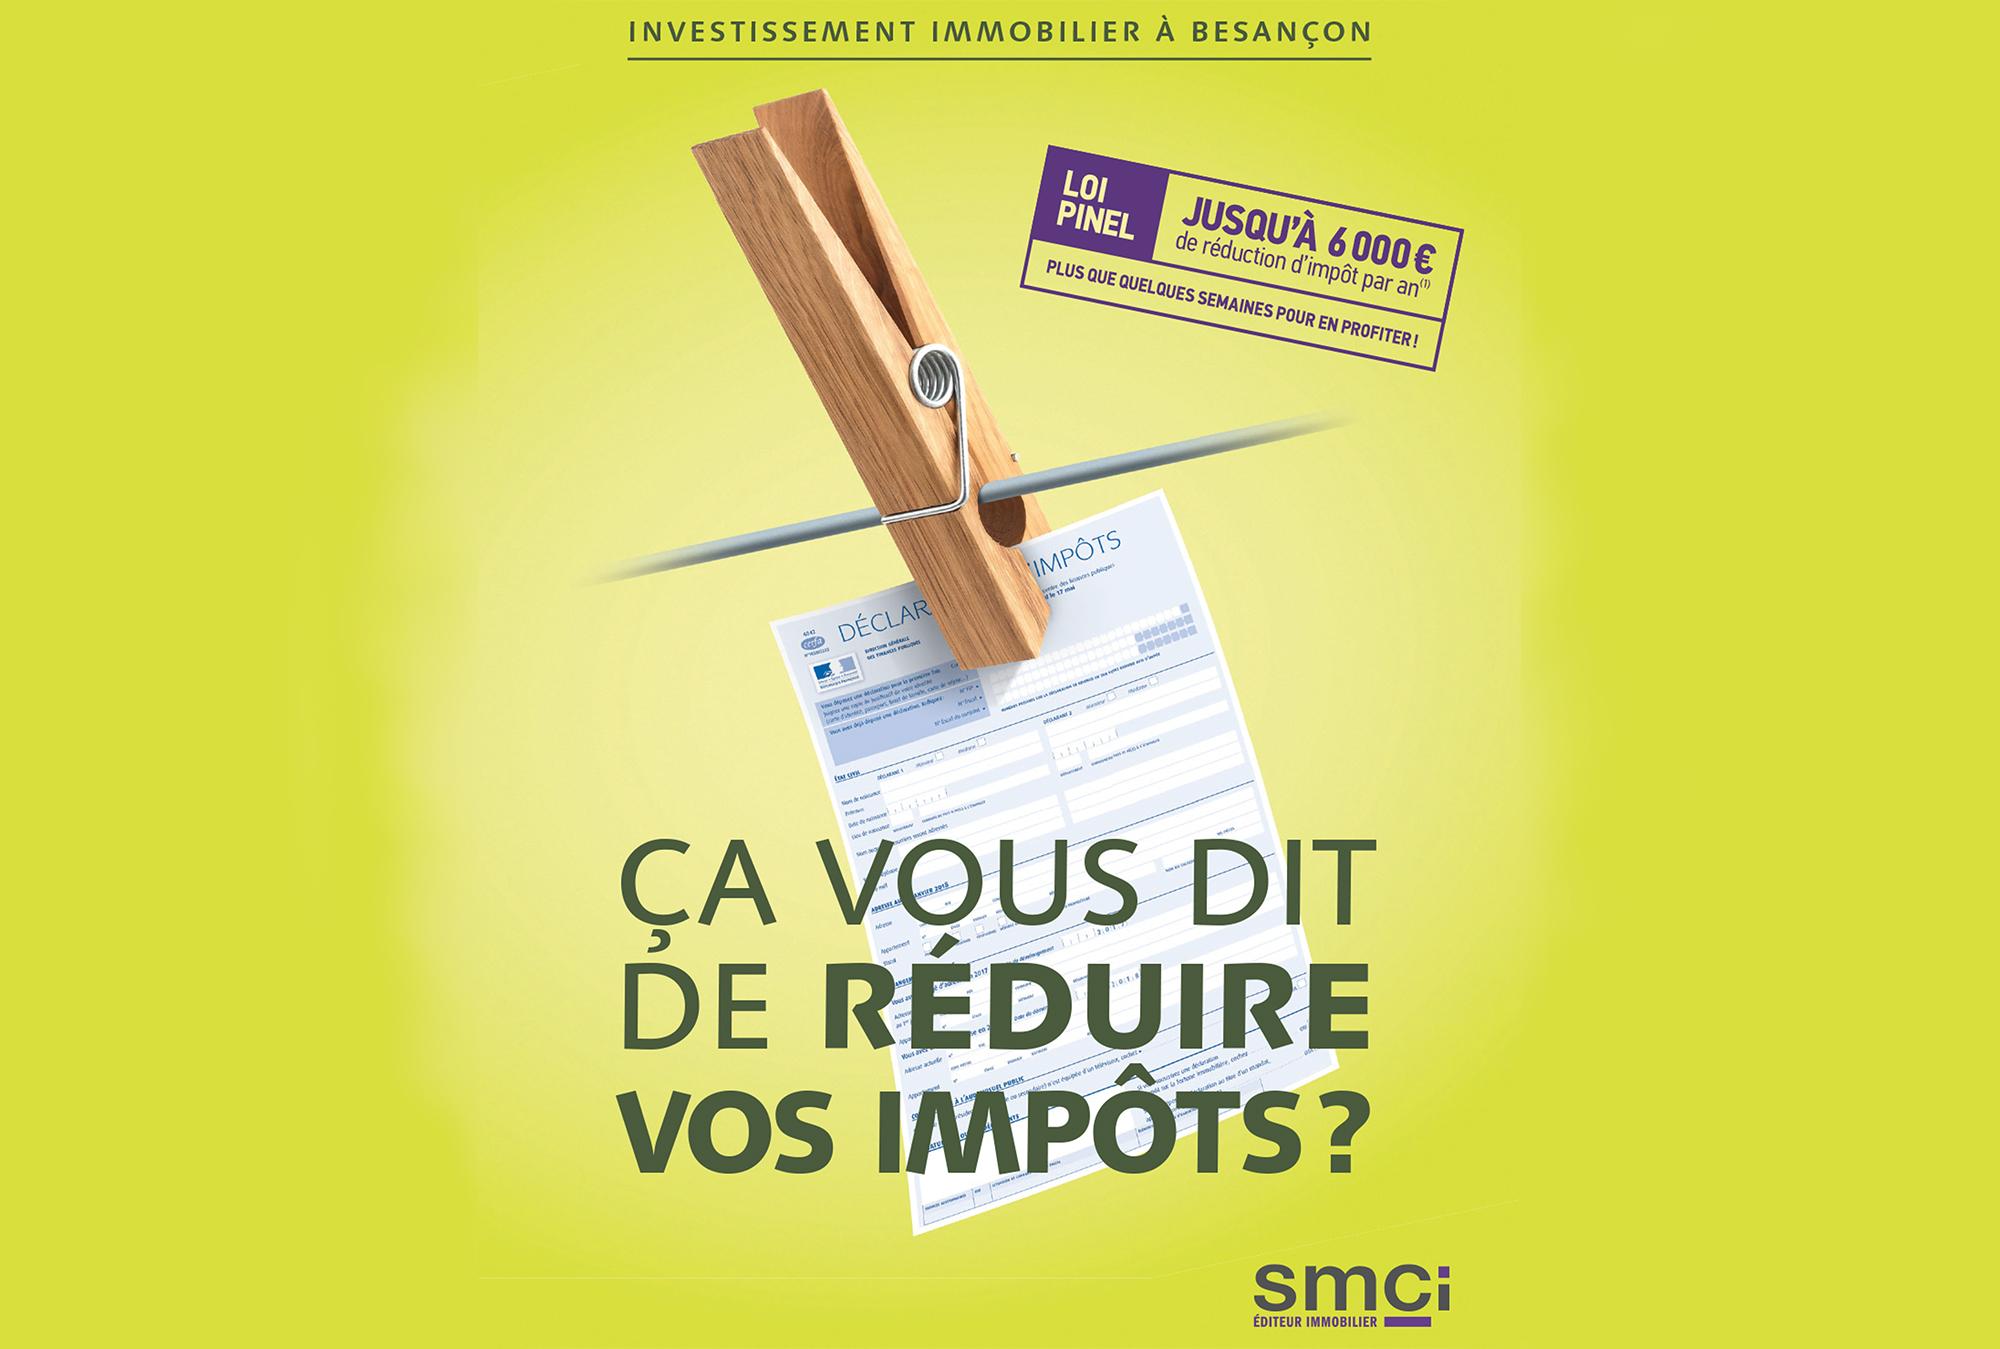 Réduire ses impôts à Besançon